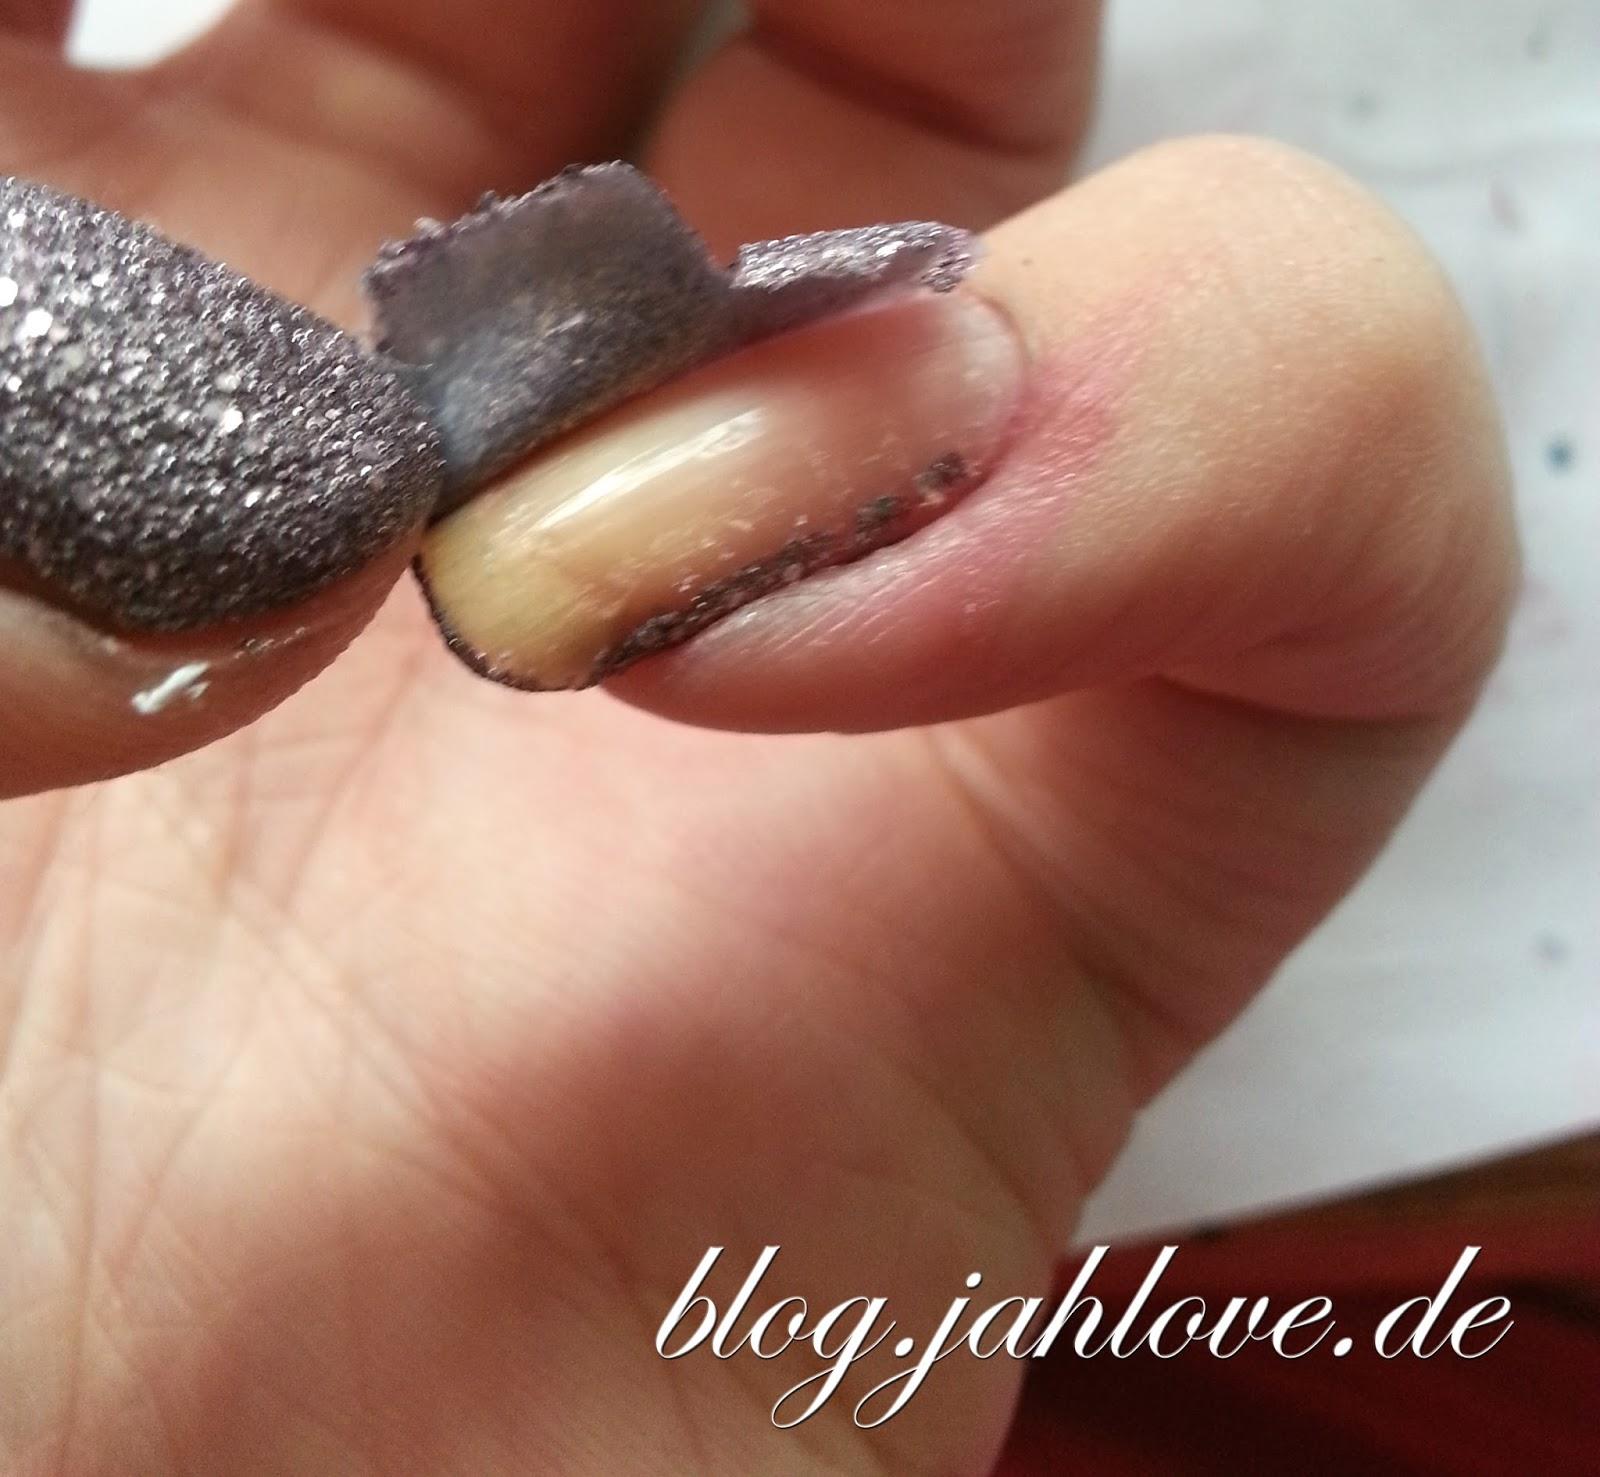 blog.jahlove.de ::.